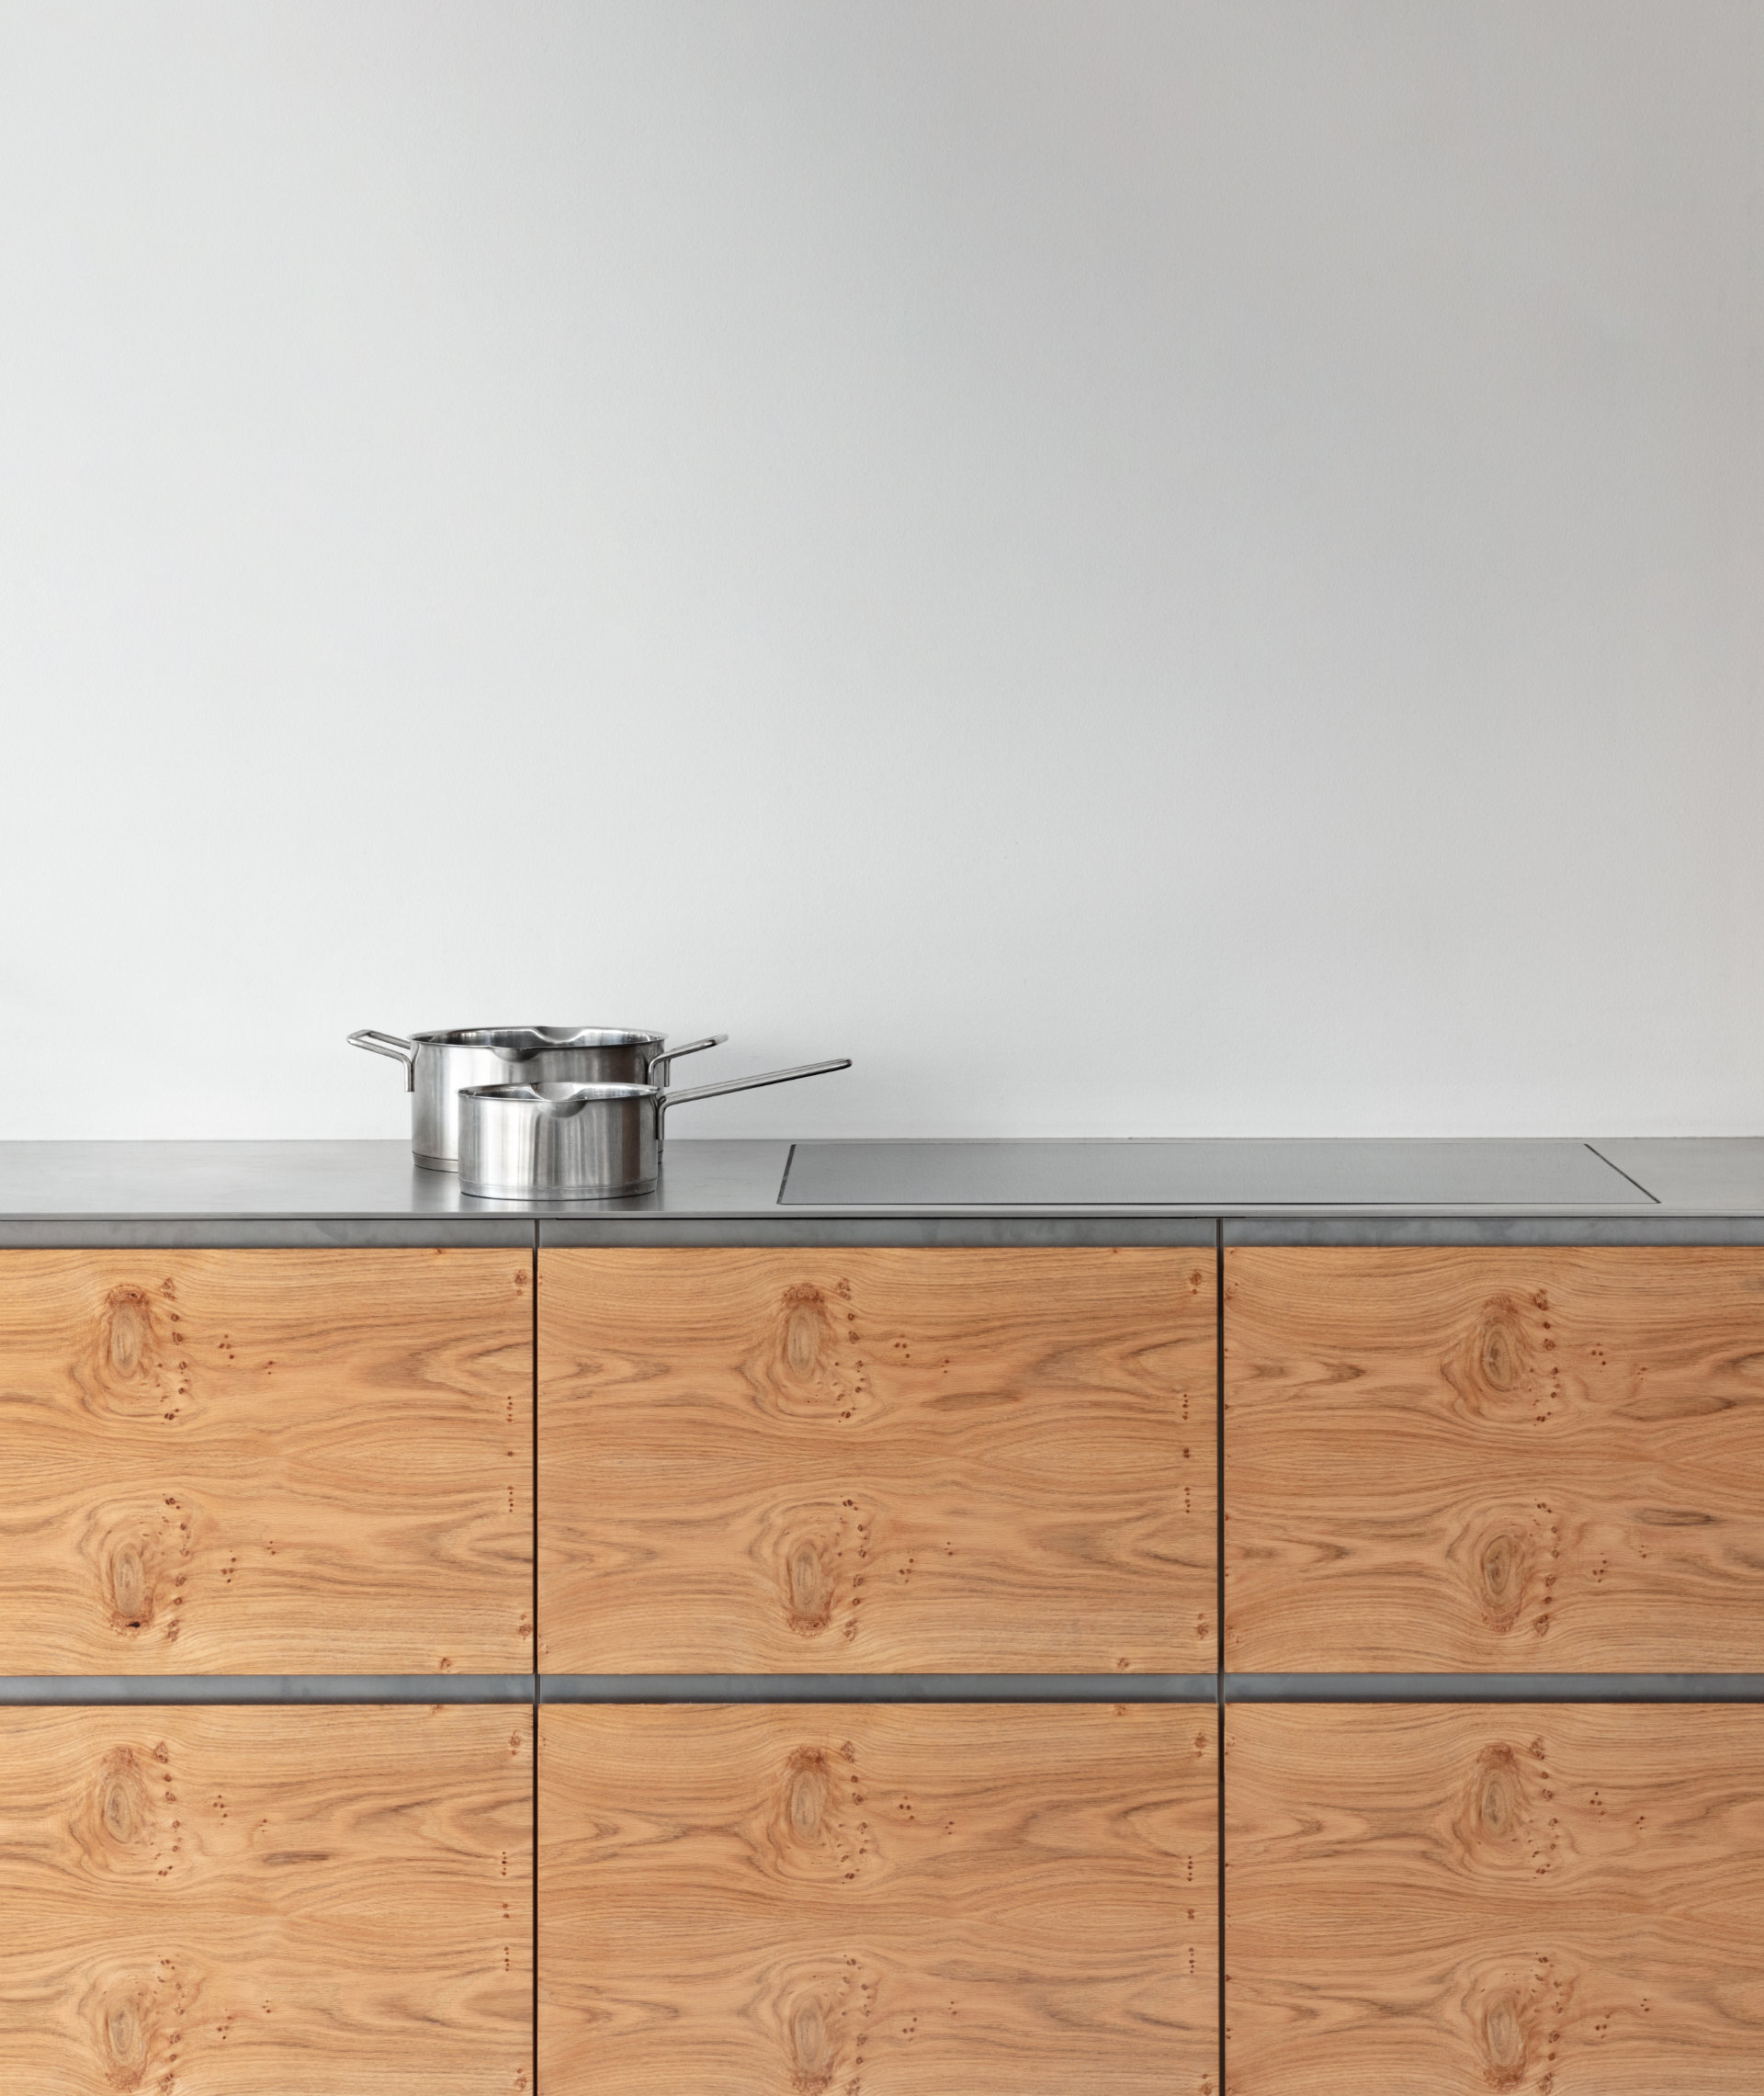 33 køkken-knast-eg-arki-ikeahack-min